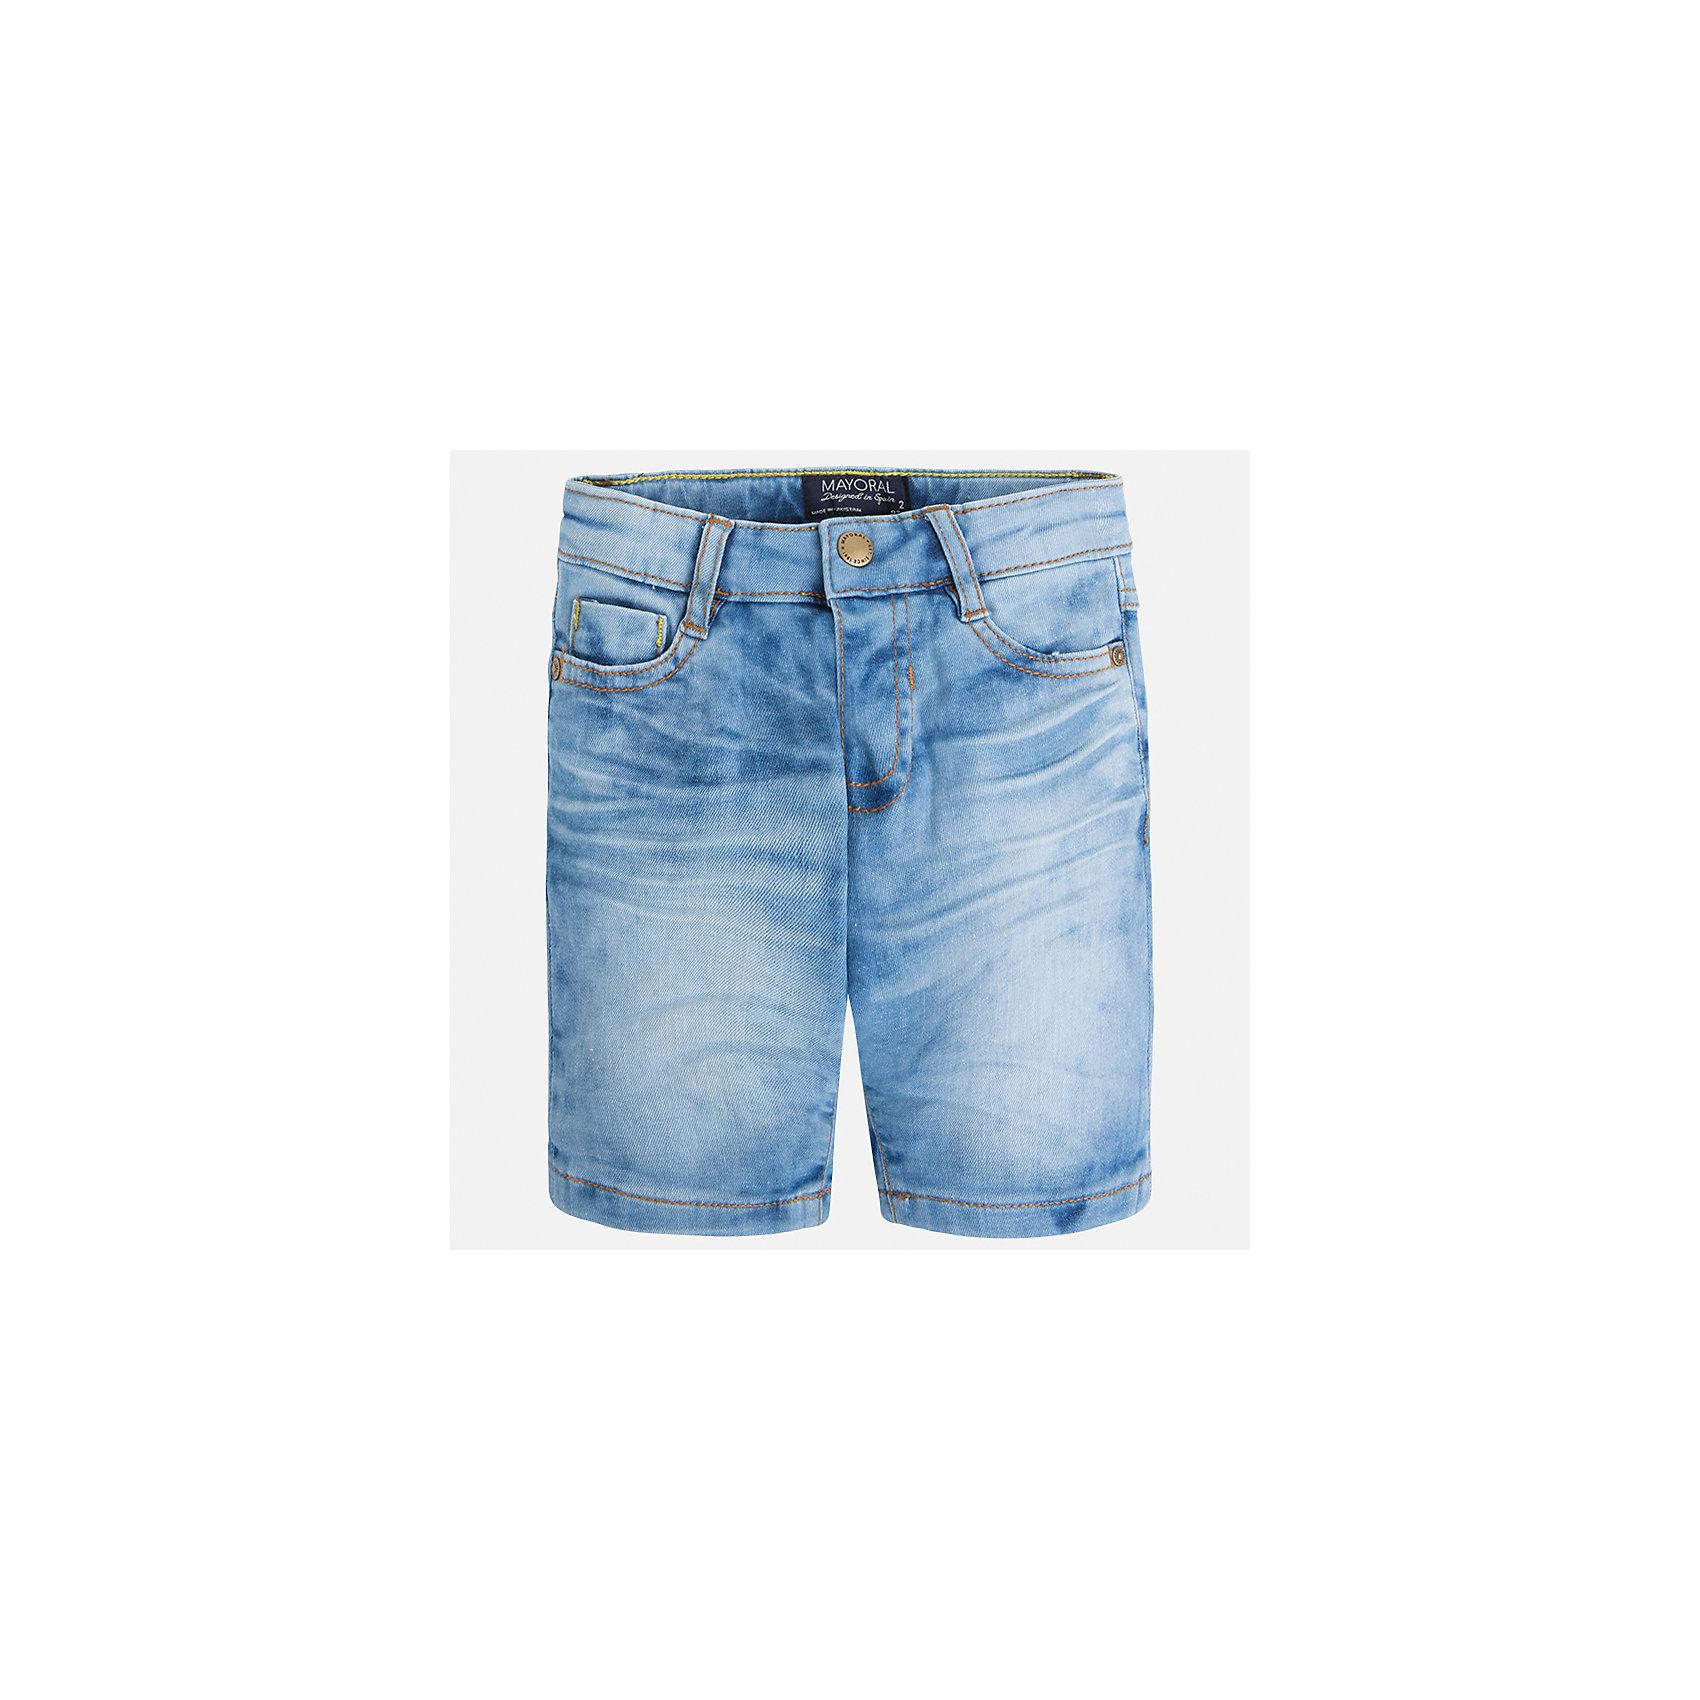 Бриджи джинсовые для мальчика MayoralШорты, бриджи, капри<br>Характеристики товара:<br><br>• цвет: голубой<br>• состав: 97% хлопок, 3% эластан<br>• шлевки<br>• карманы<br>• пояс с регулировкой объема<br>• имитация потертости<br>• страна бренда: Испания<br><br>Модные бриджи для мальчика смогут стать базовой вещью в гардеробе ребенка. Они отлично сочетаются с майками, футболками, рубашками и т.д. Универсальный крой и цвет позволяет подобрать к вещи верх разных расцветок. Практичное и стильное изделие! В составе материала - натуральный хлопок, гипоаллергенный, приятный на ощупь, дышащий.<br><br>Одежда, обувь и аксессуары от испанского бренда Mayoral полюбились детям и взрослым по всему миру. Модели этой марки - стильные и удобные. Для их производства используются только безопасные, качественные материалы и фурнитура. Порадуйте ребенка модными и красивыми вещами от Mayoral! <br><br>Бриджи для мальчика от испанского бренда Mayoral (Майорал) можно купить в нашем интернет-магазине.<br><br>Ширина мм: 191<br>Глубина мм: 10<br>Высота мм: 175<br>Вес г: 273<br>Цвет: синий<br>Возраст от месяцев: 96<br>Возраст до месяцев: 108<br>Пол: Мужской<br>Возраст: Детский<br>Размер: 134,128,92,98,104,110,116,122<br>SKU: 5272585